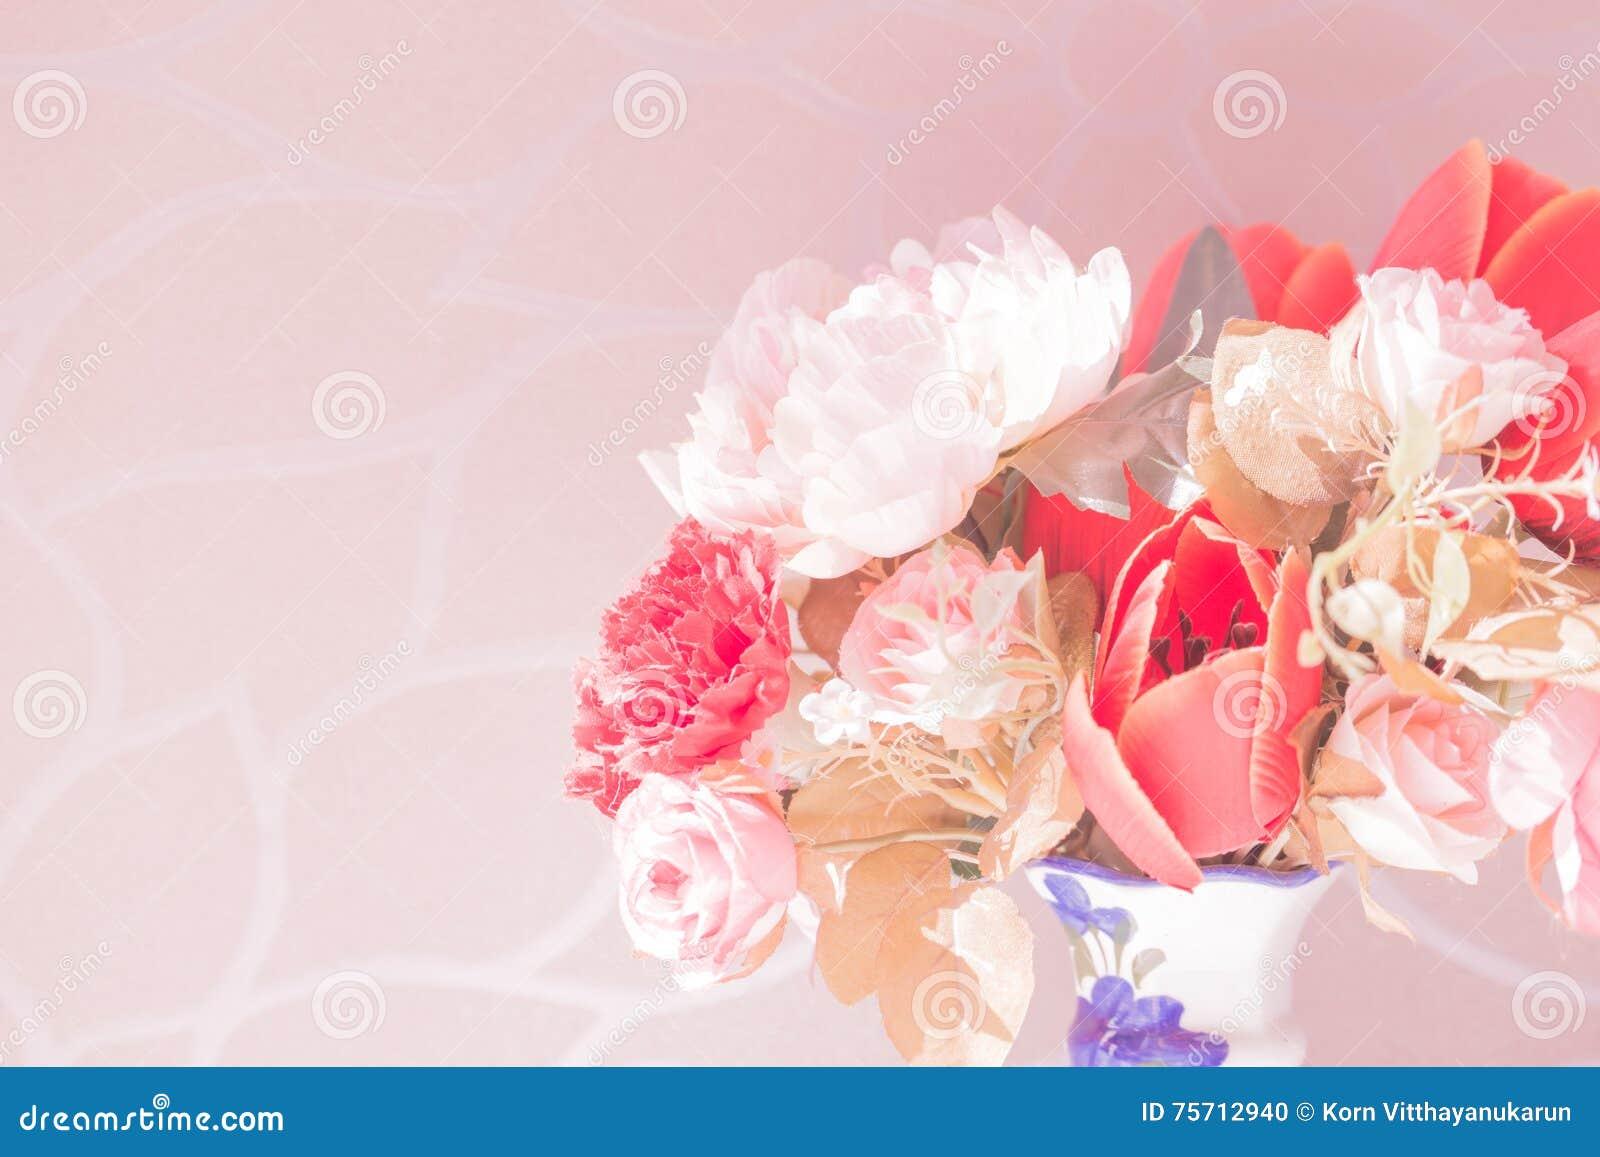 Bloem In De Vaas Roze Kleur Stock Foto Afbeelding